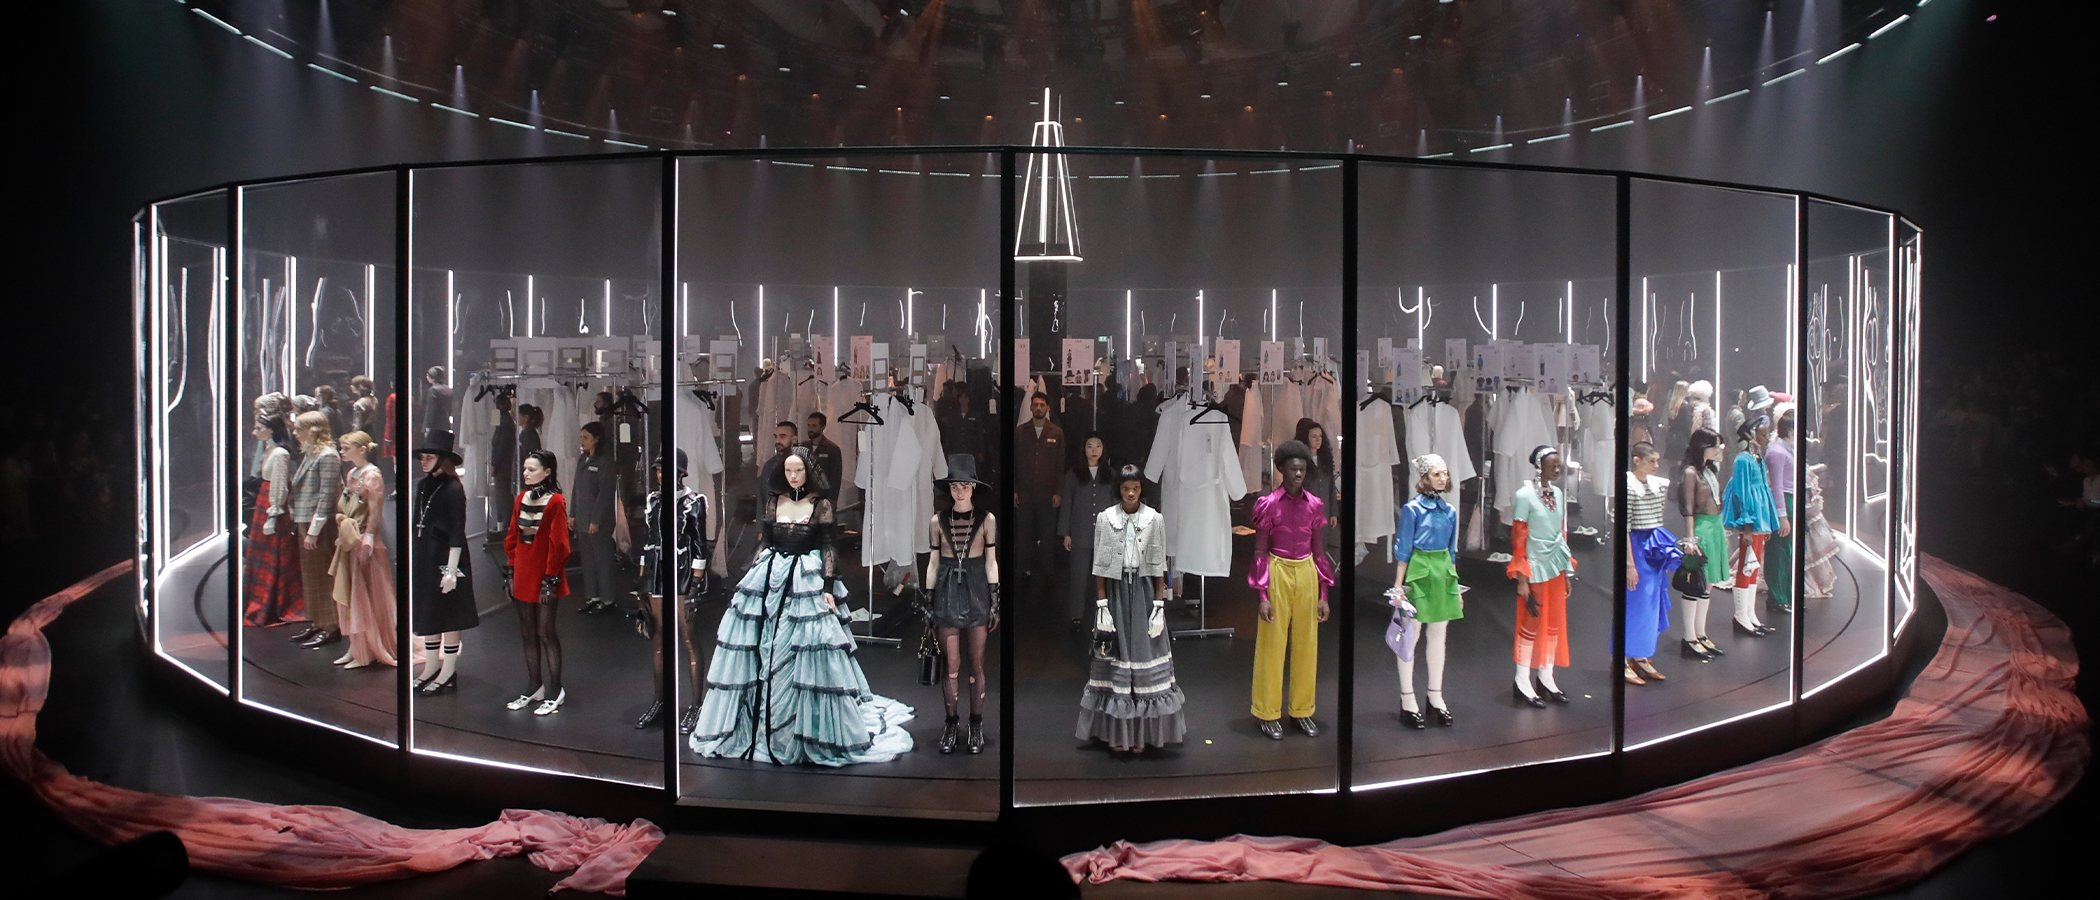 El triunfo religioso y surrealista de Gucci conquista Milán